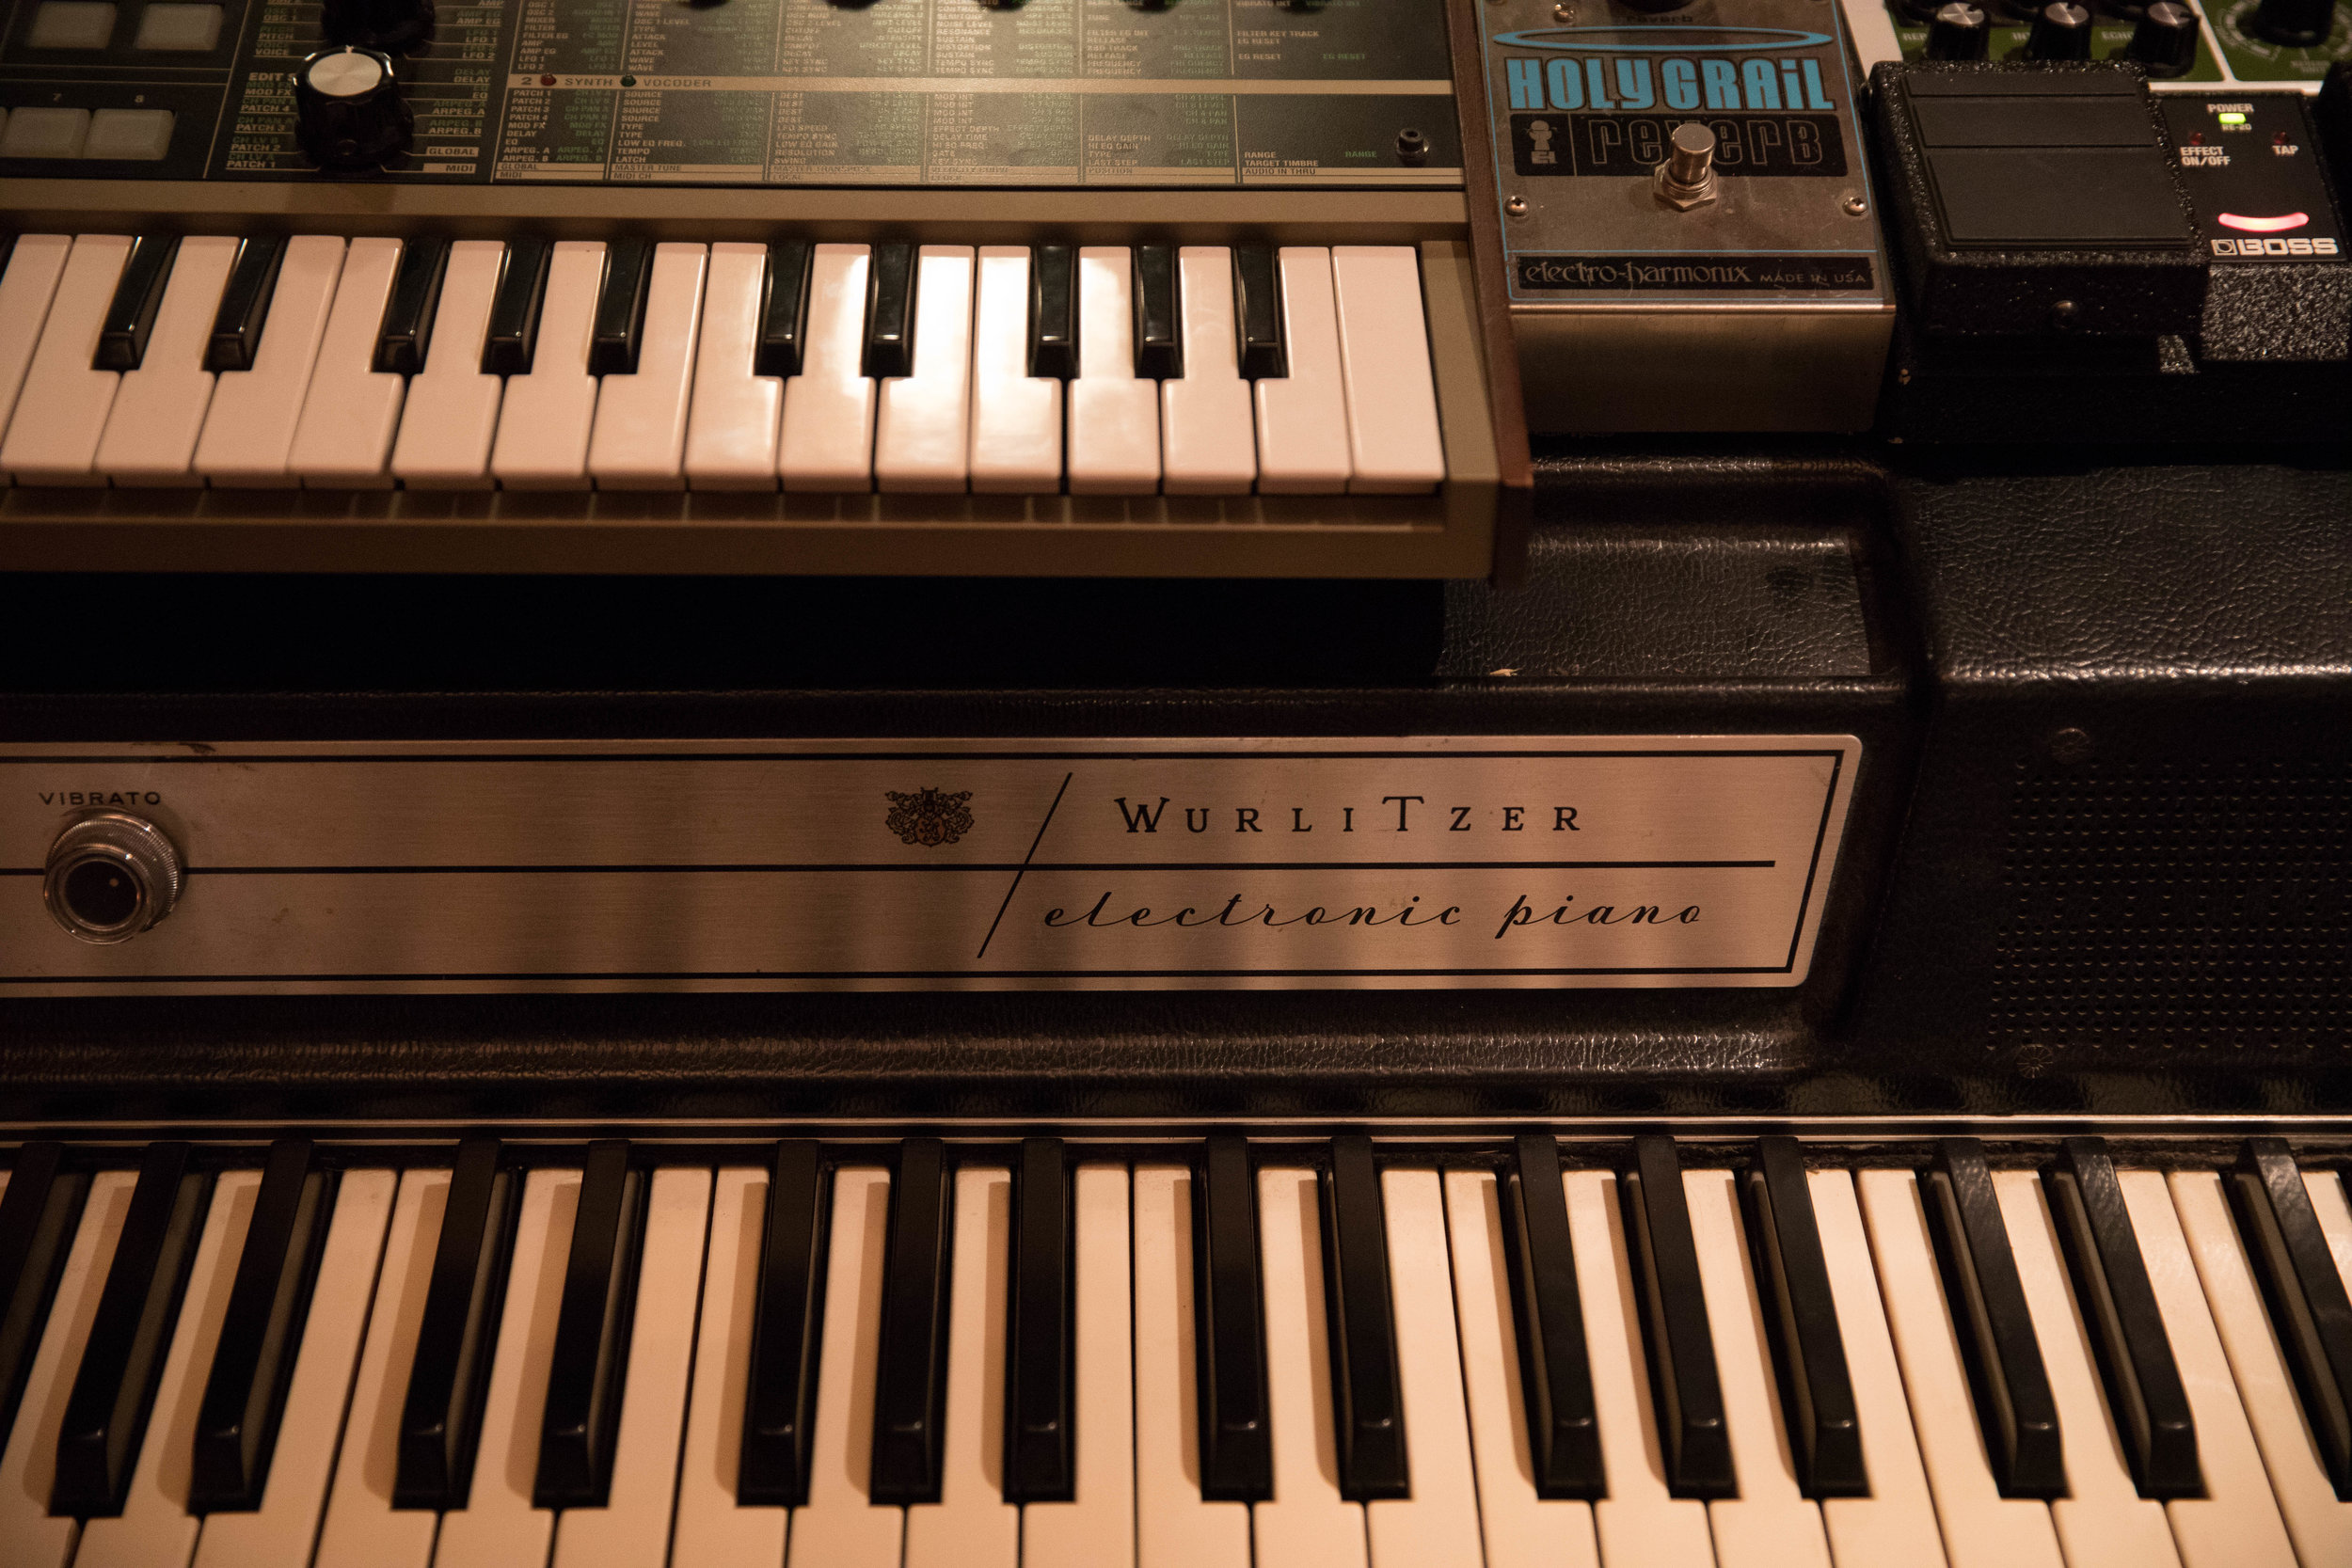 Wurlitzer 200